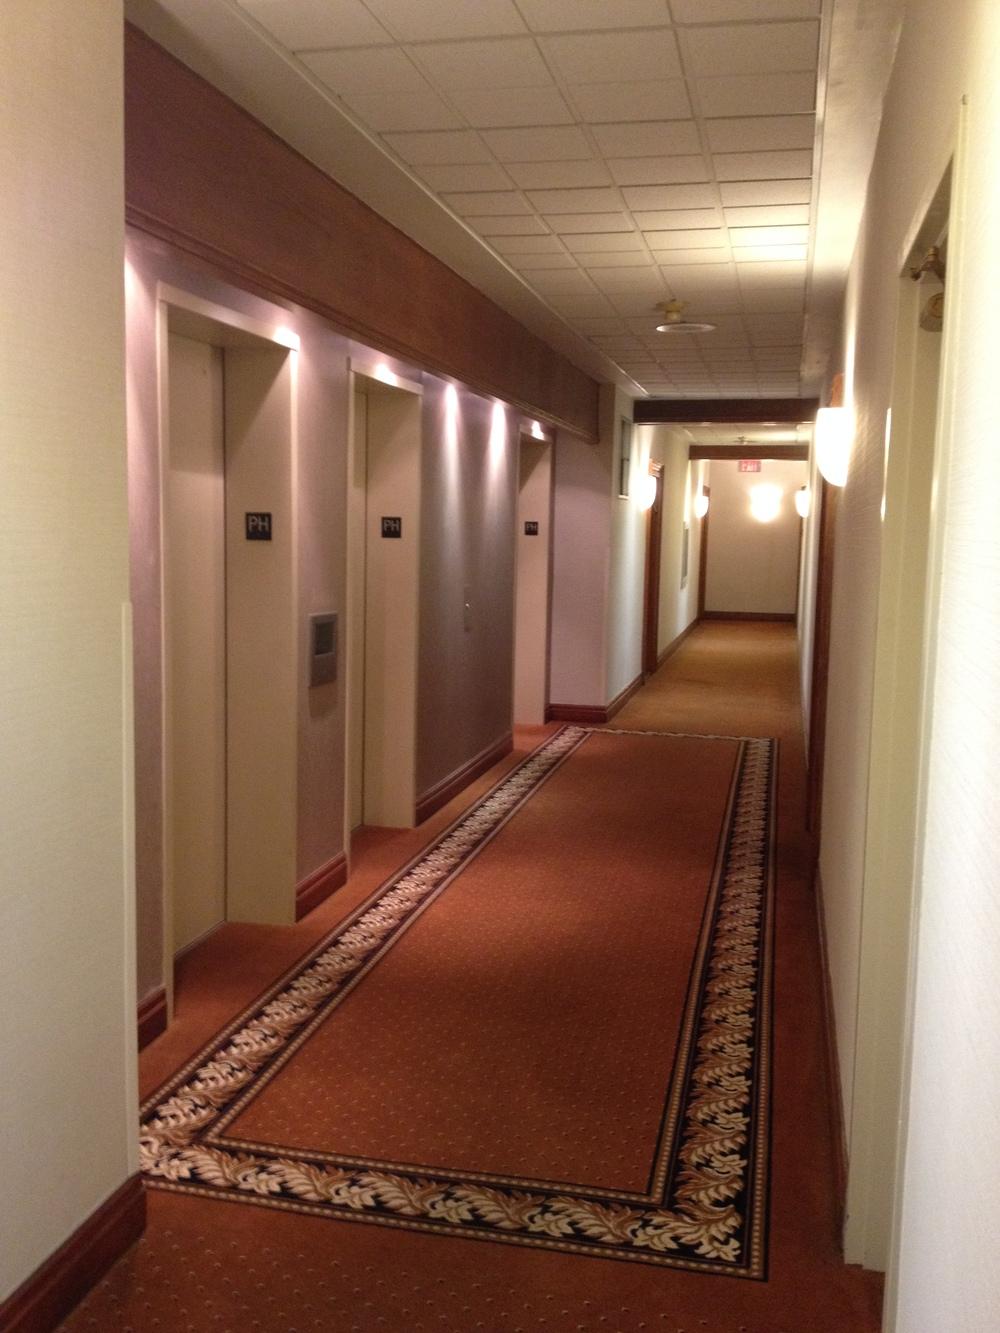 Corridors Before